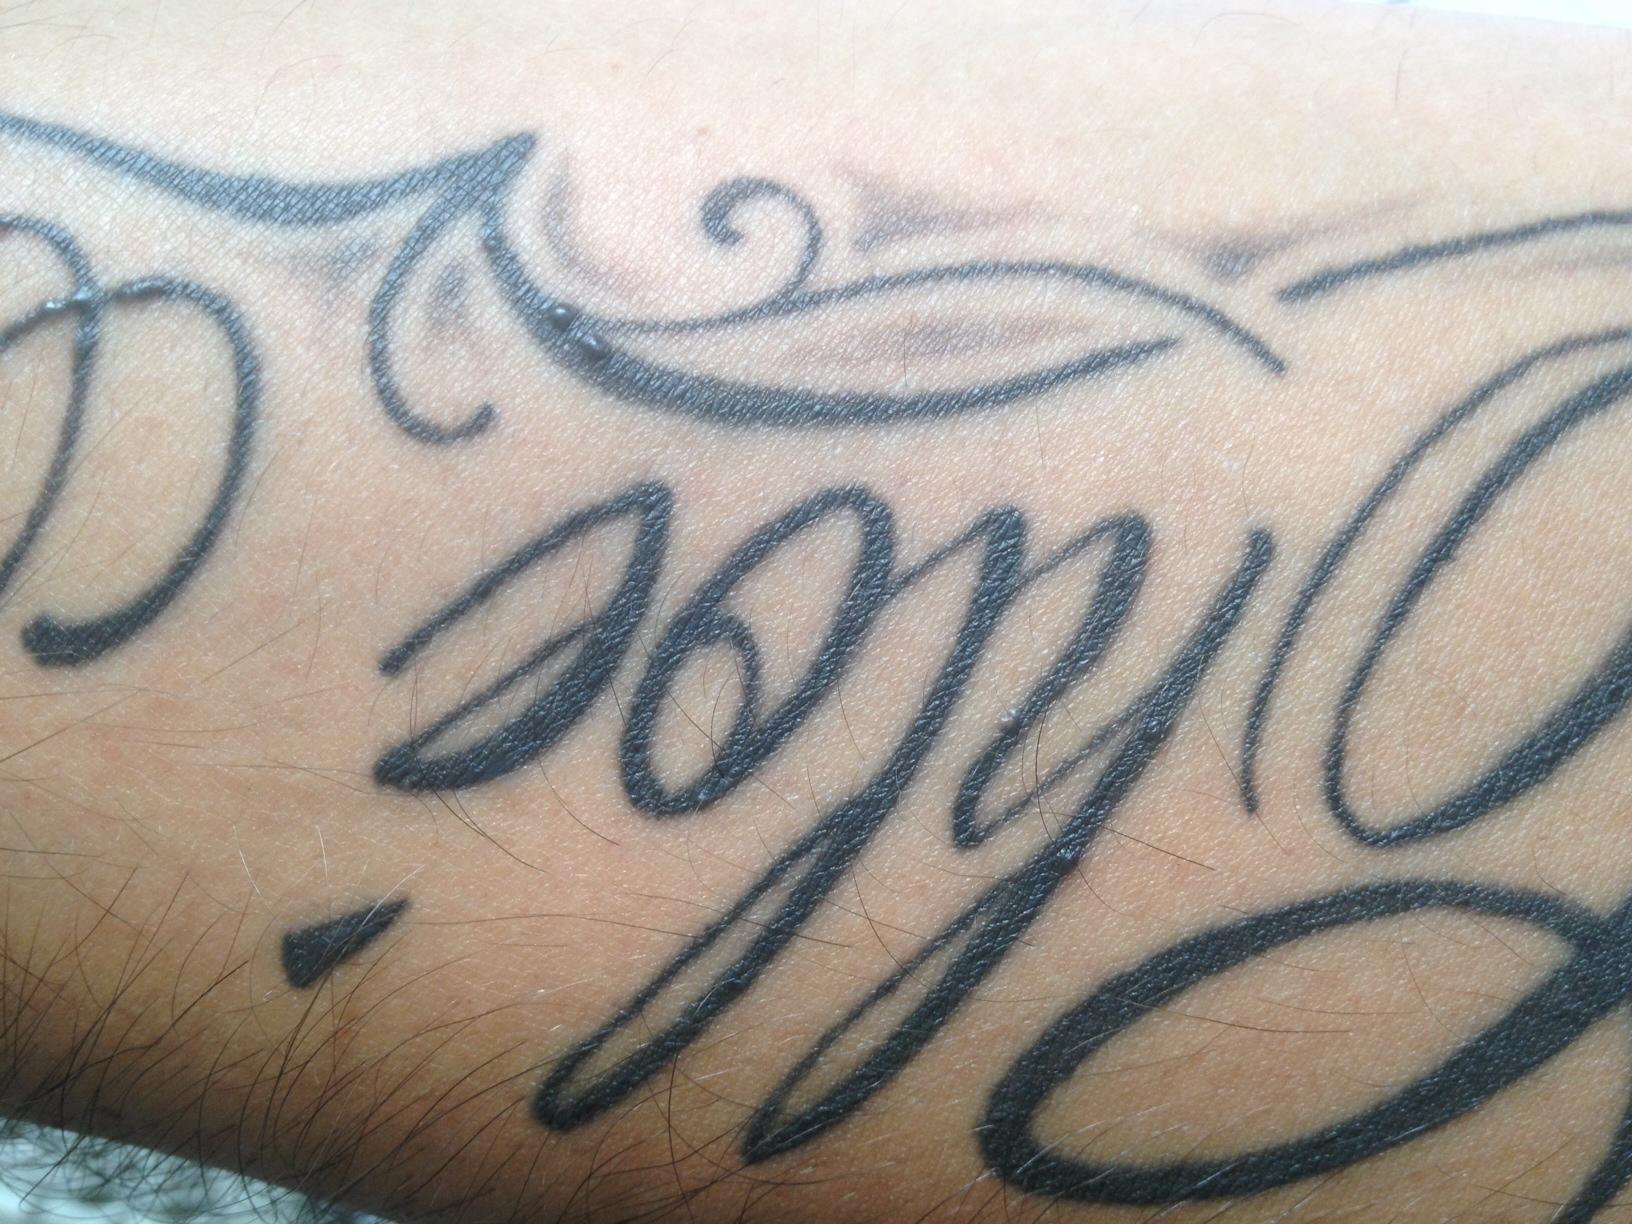 bouton sur un tatouage